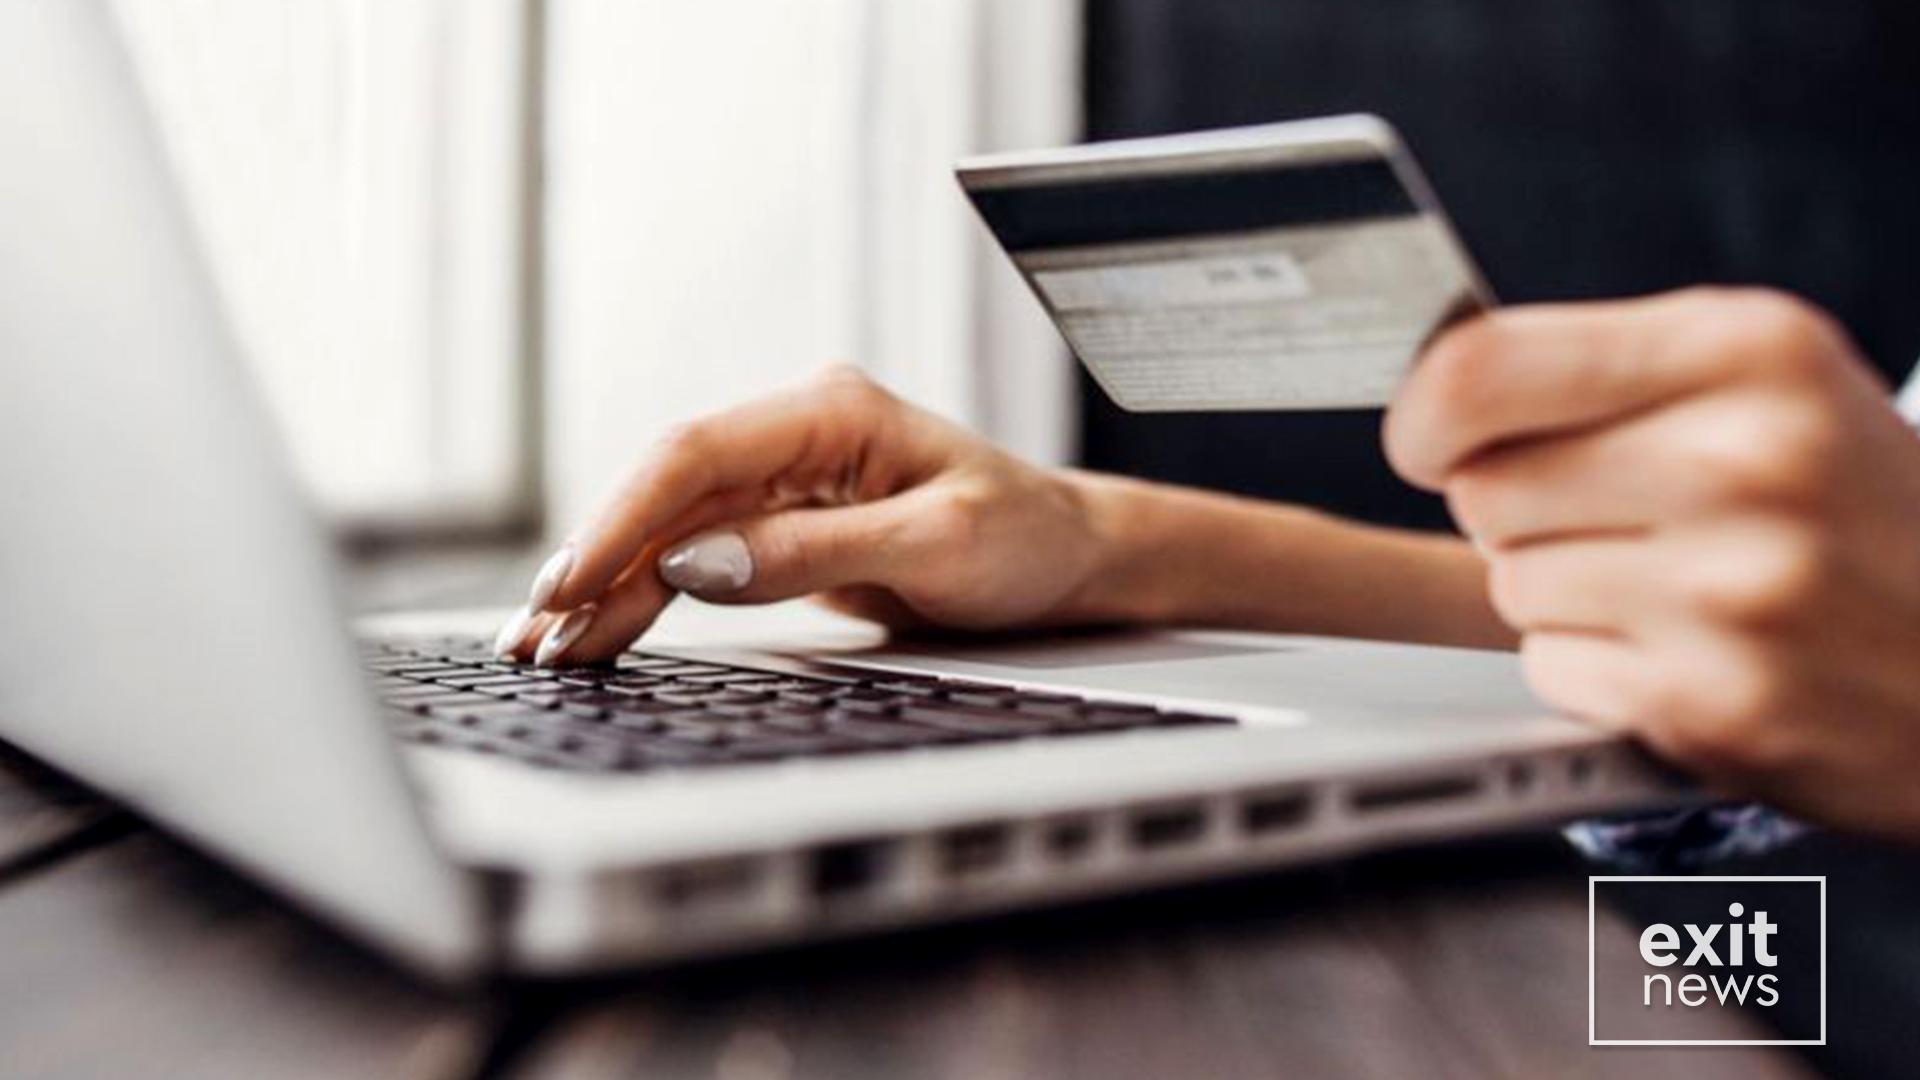 Qeveritë evropiane që janë zotuar të paguajnë pagat e bizneseve